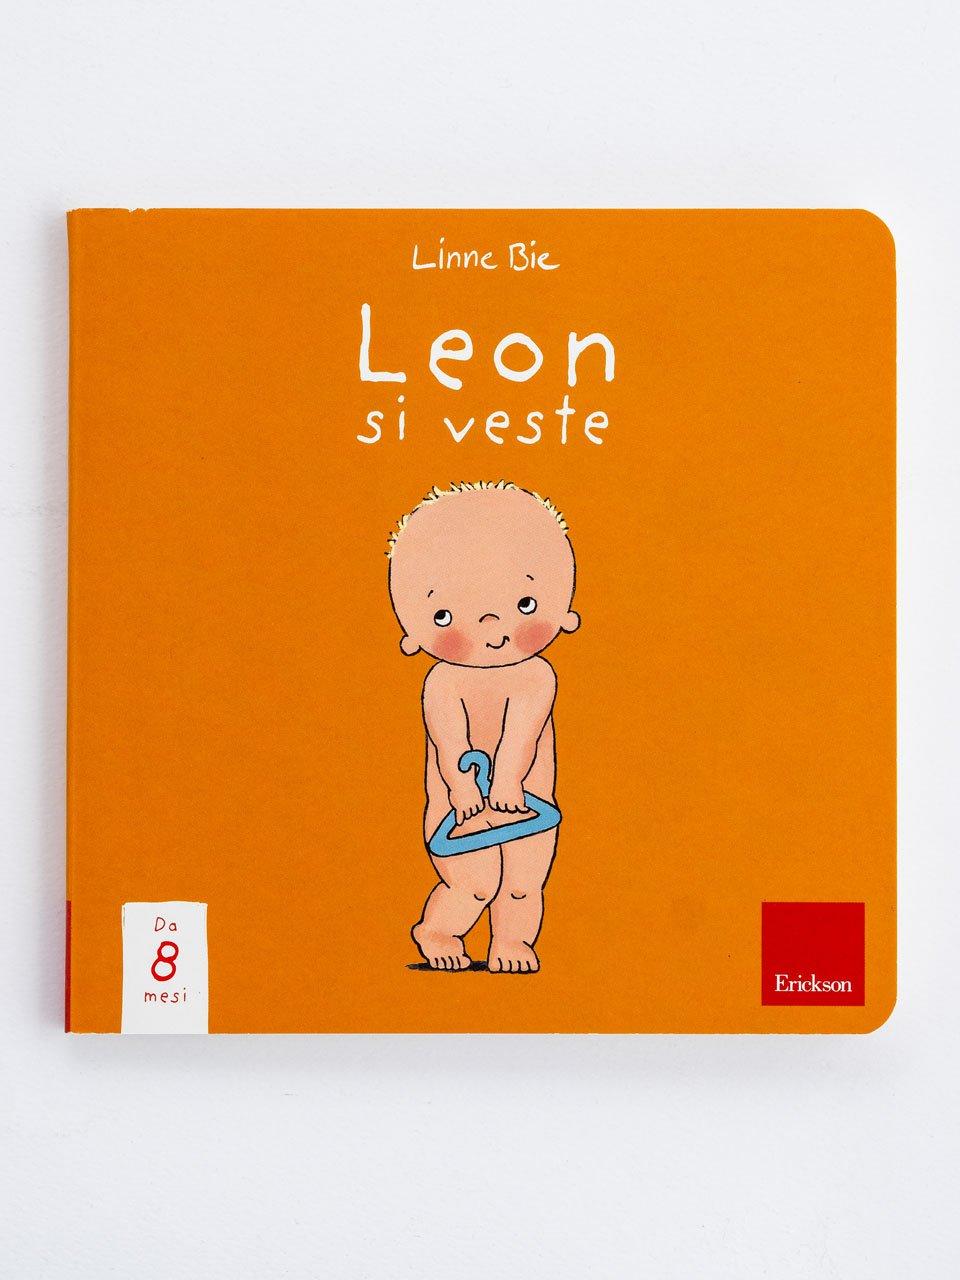 Leon si veste - Narrativa per Ragazzi e Bambini - Erickson